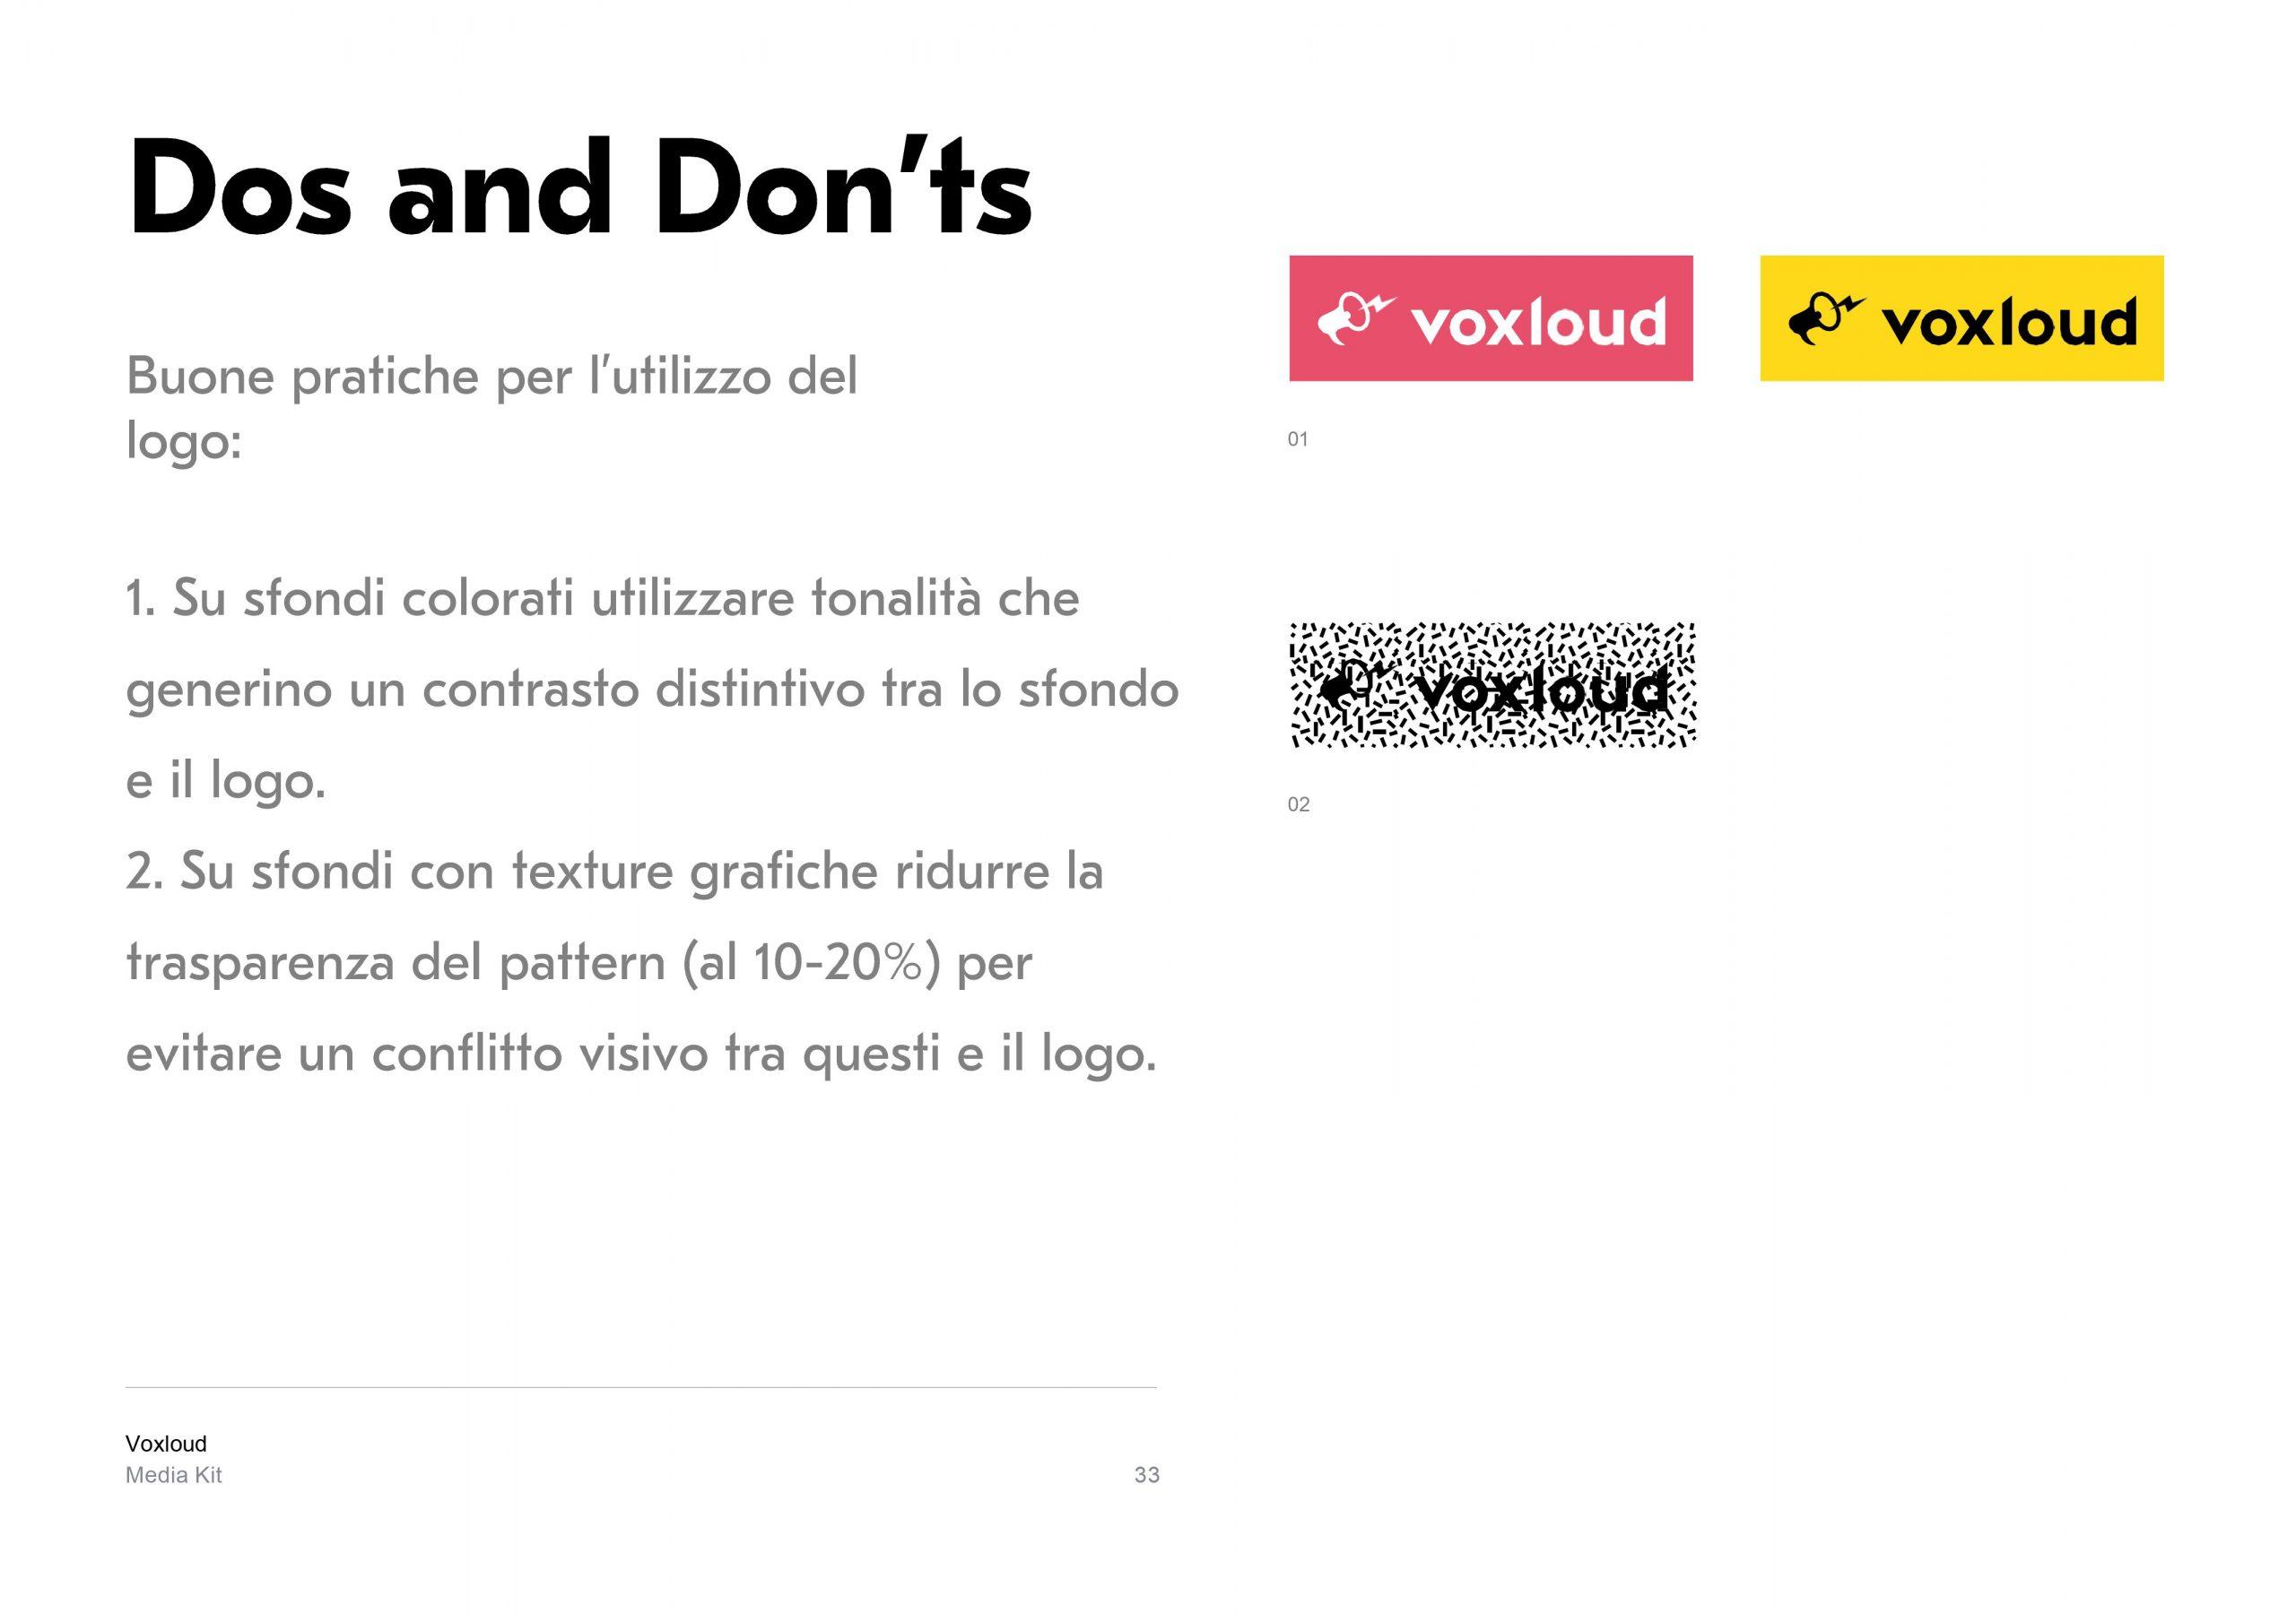 Voxloud Media Kit_IT_33